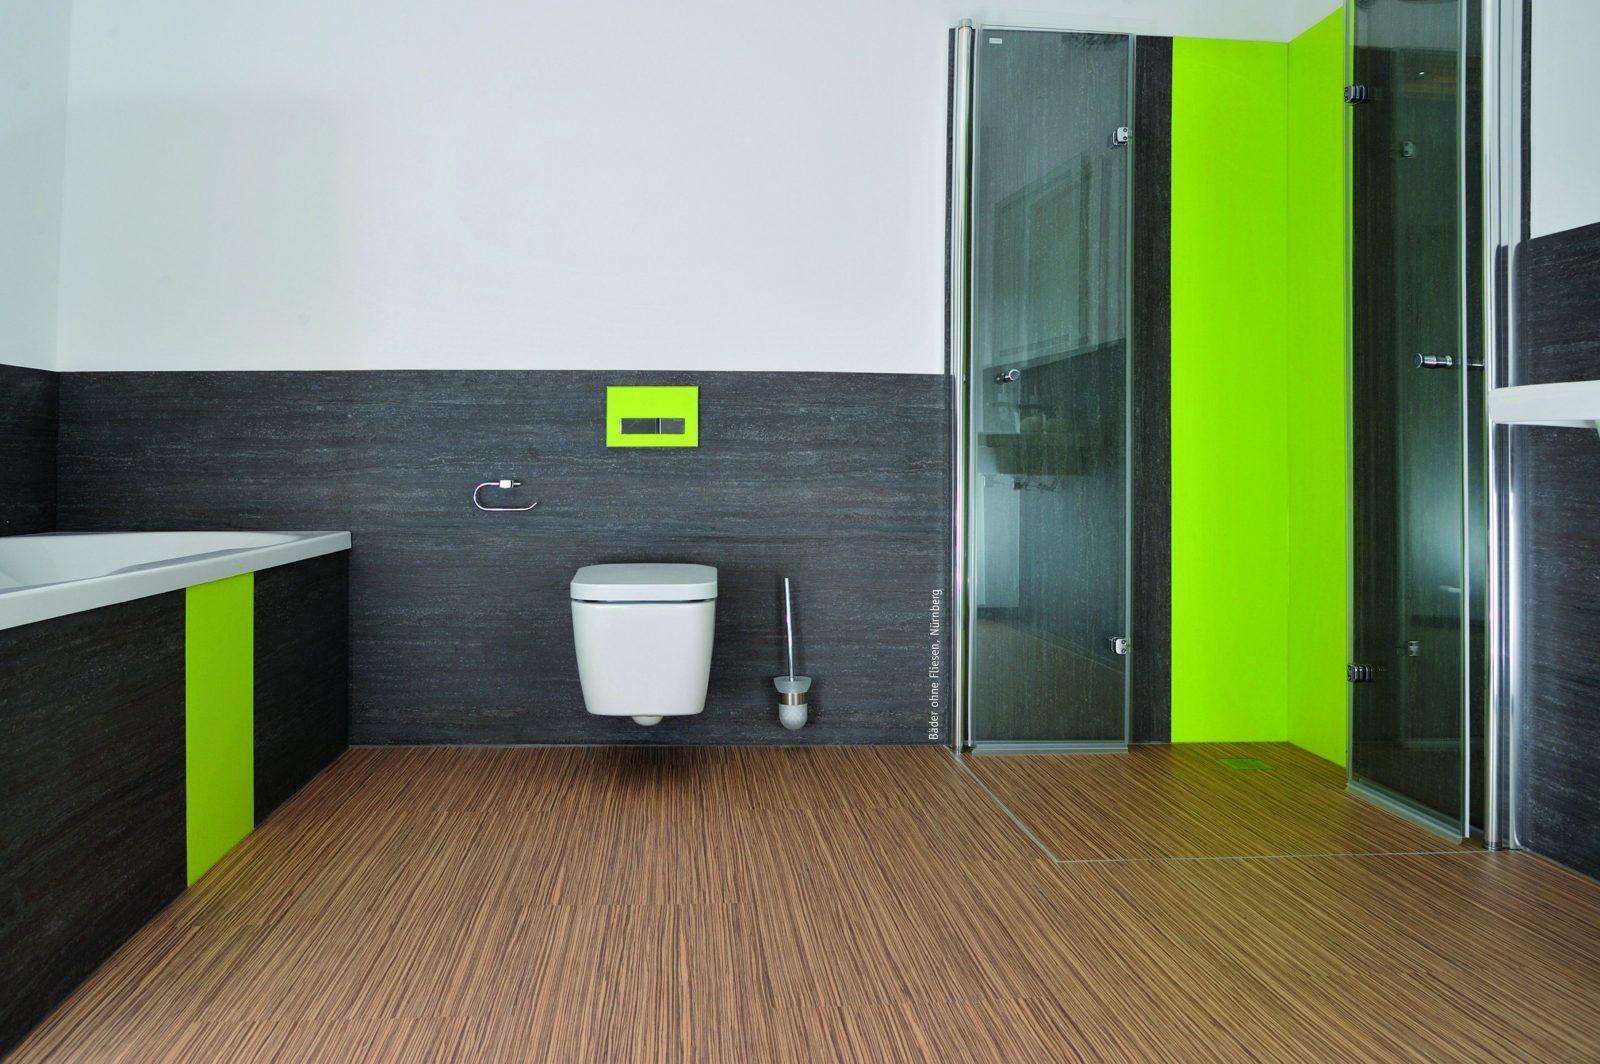 Erstaunlich Badgestaltung Ohne Fliesen Bad Fliesen Wandgestaltung von Wandgestaltung Badezimmer Ohne Fliesen Bild